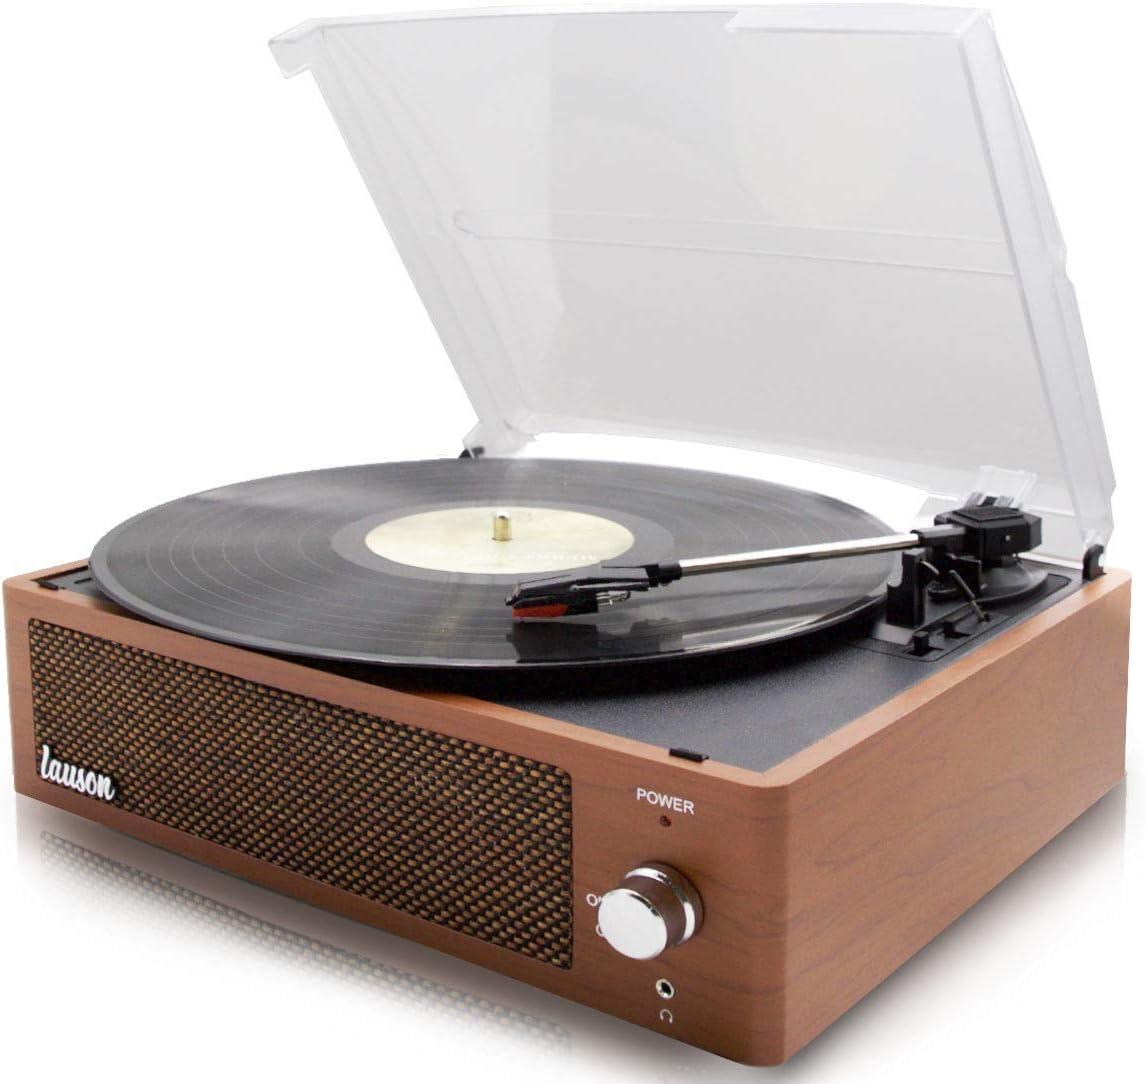 Tocadisco XN092 Lauson Función Grabación Encoding PC-Link | Tocadiscos de Vinilo Vintage con Bluetooth y Altavoces Incorporados | Reproductor de Vinilo 3 Velocidades 33, 45, 78 | (Roble)